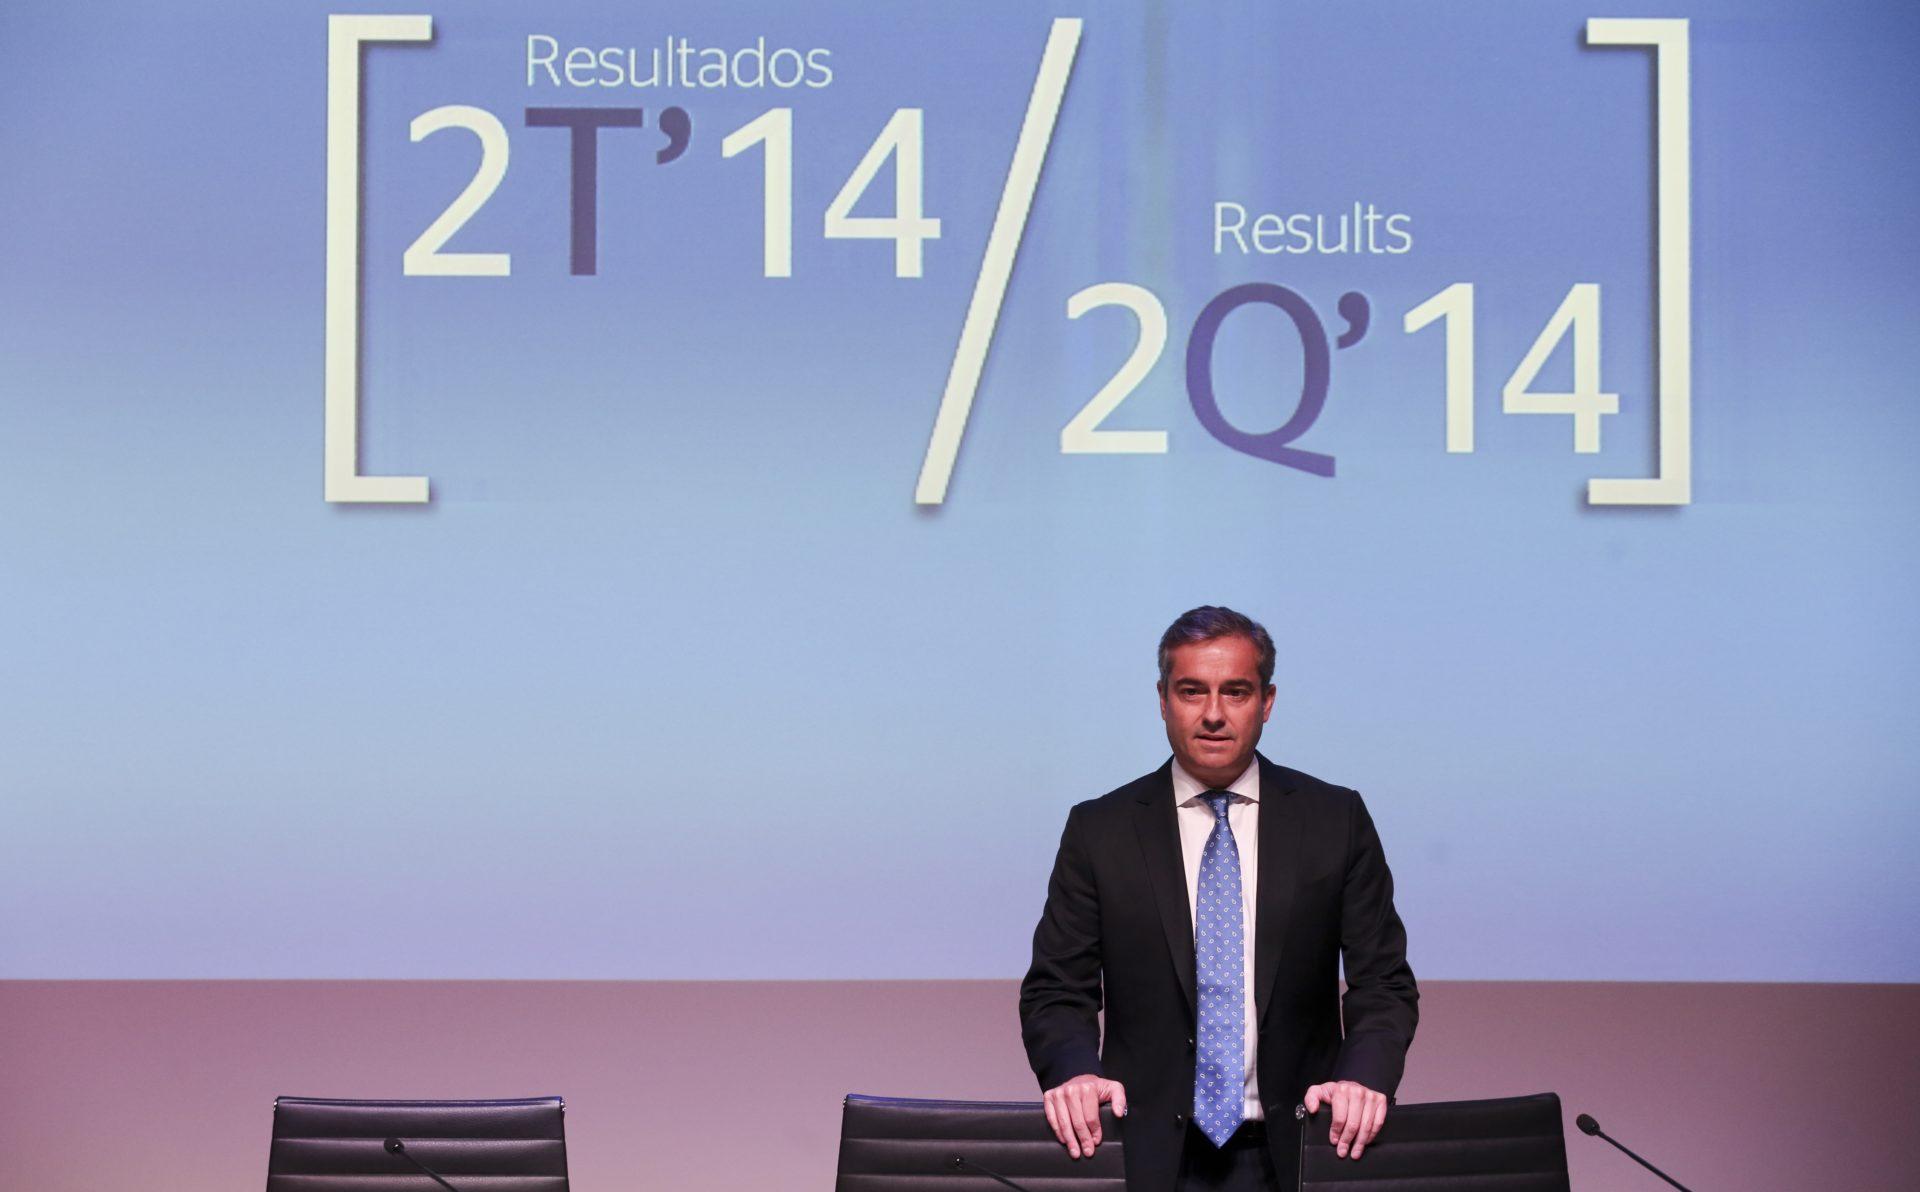 Fotografía Angel Cano presentación resultados BBVA 2T2014